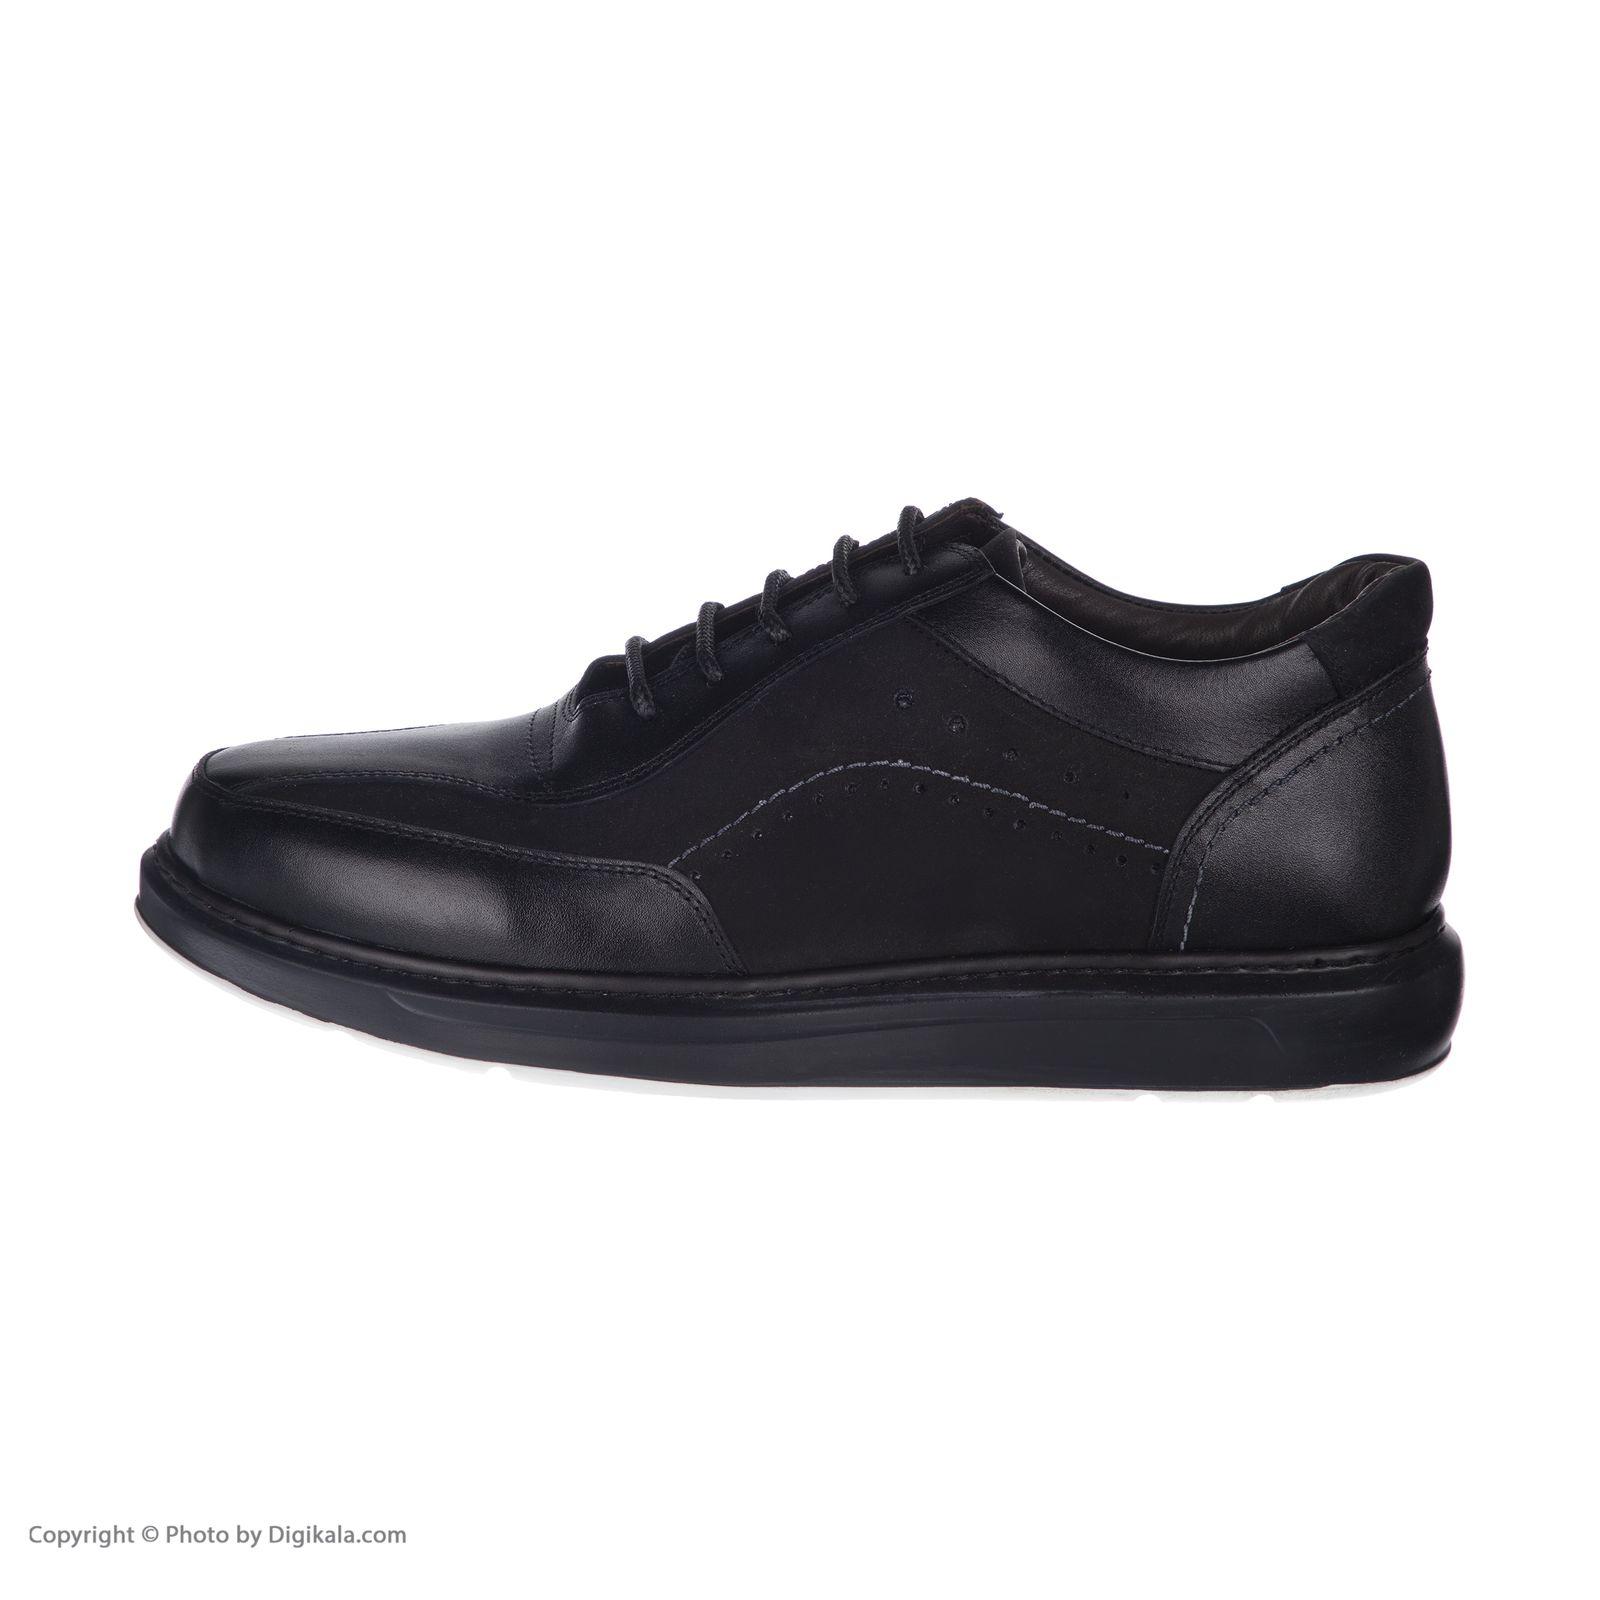 کفش روزمره مردانه دانادل مدل 8602A503101 -  - 1